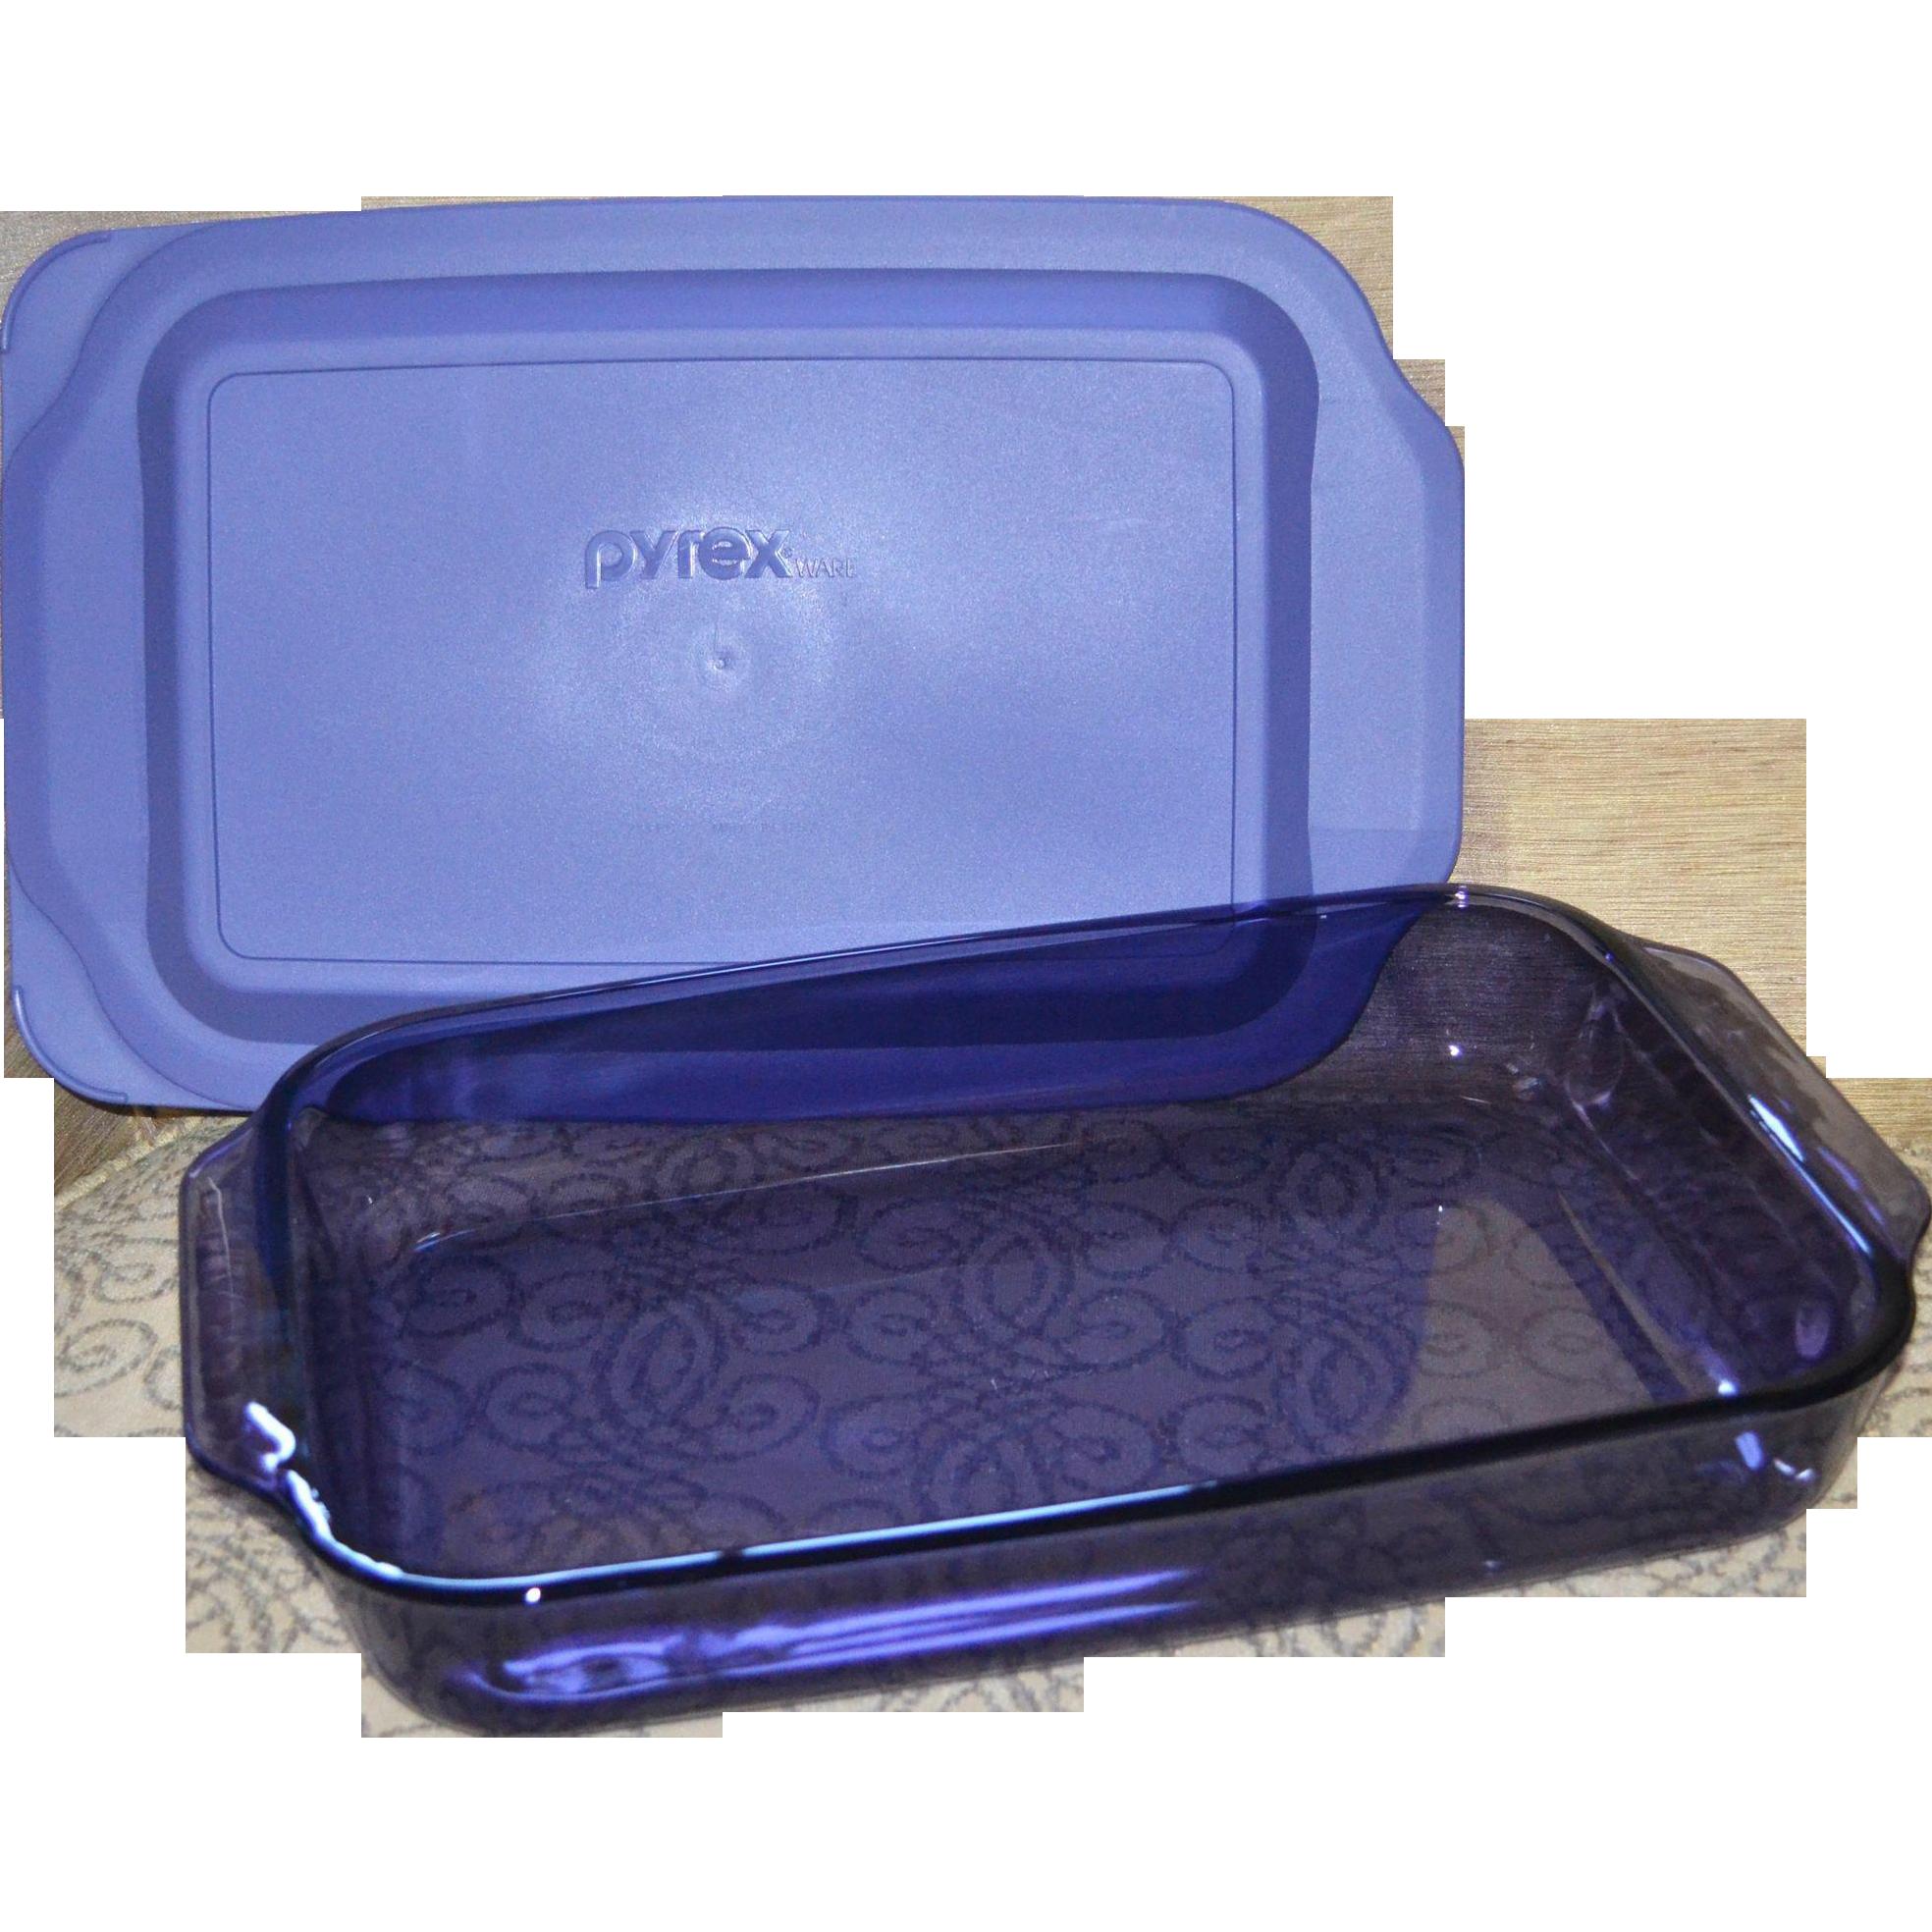 Pyrex Purple Amethyst Glass 3 Quart Cake Pan Or Baking